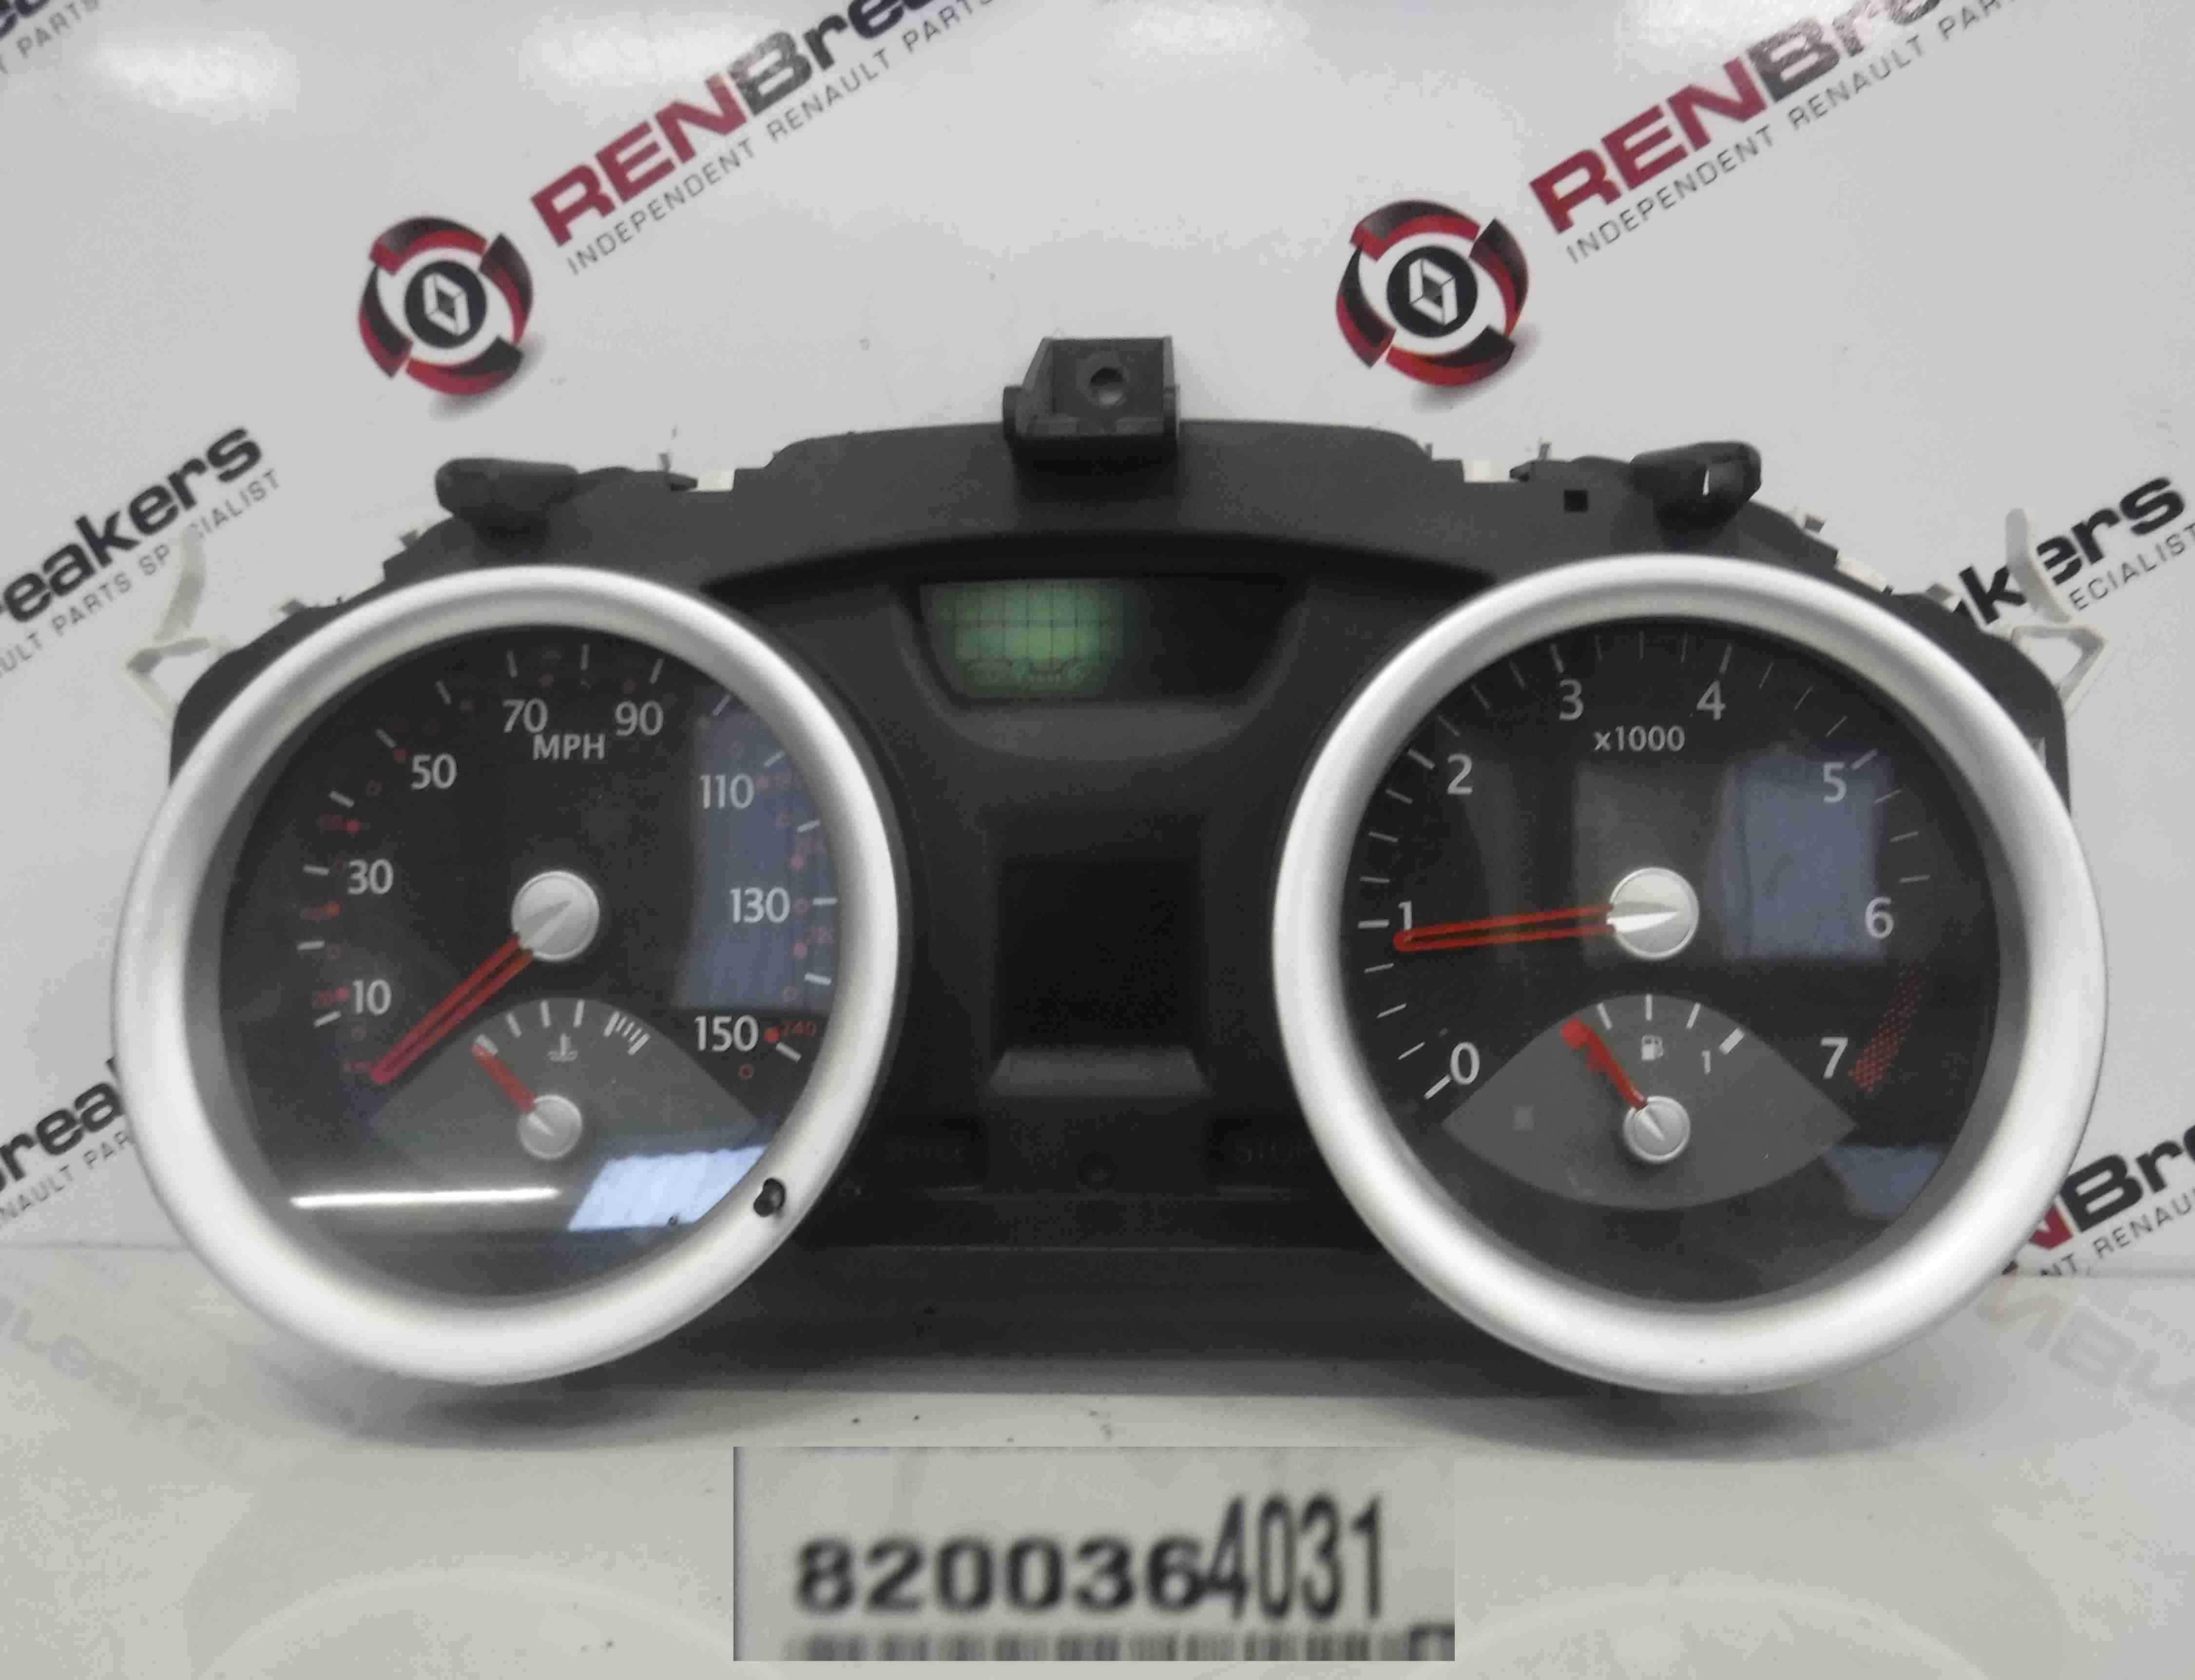 Renault Megane 2002-2008 Instrument Panel Dials Gauges Clocks 70K 8200364031